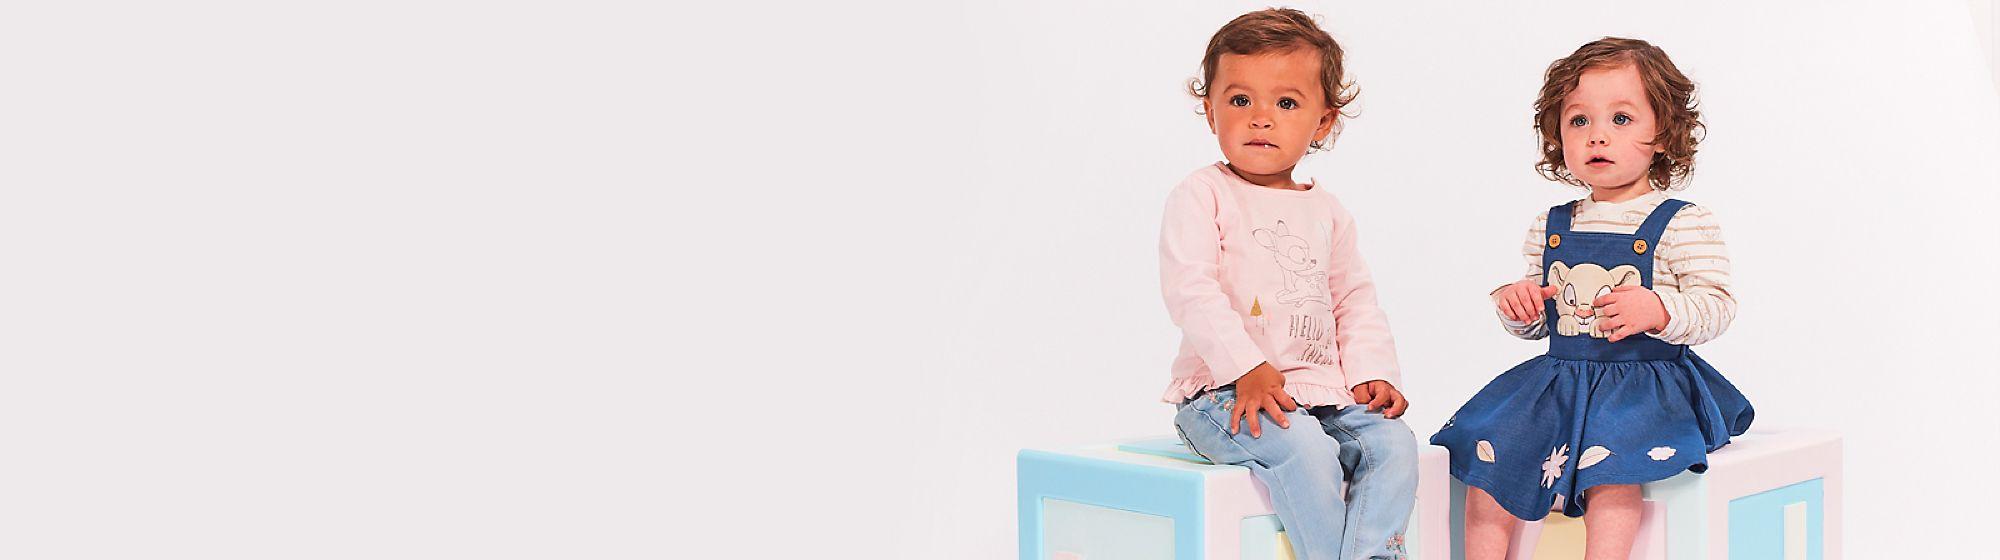 Abbigliamento baby bambina Il tuo bebè sarà ancora più adorabile con la collezione di pagliaccetti e tutine Disney. Nella linea di abbigliamento baby per bambina troverai non solo tutine e pagliaccetti, ma anche completini e t-shirt dei più amati personaggi dei film Disney come Winnie The Pooh, Stitch e tanti altri.